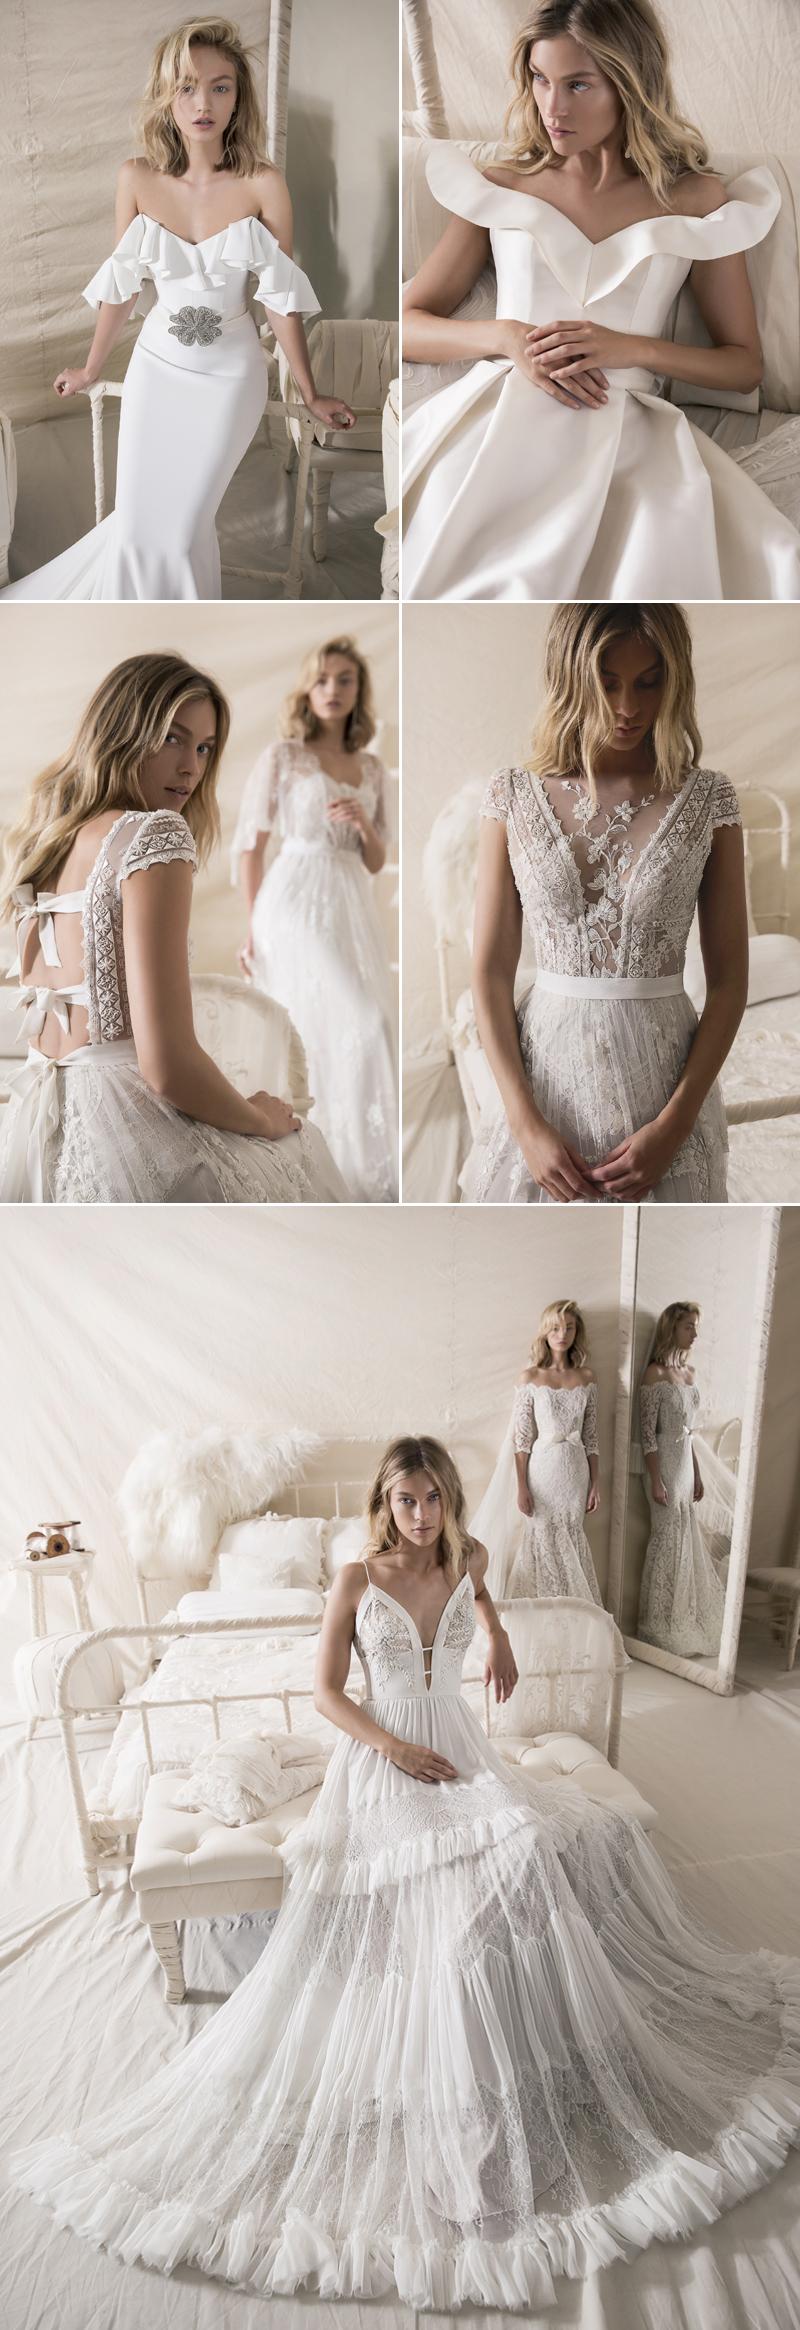 fashion-forward-weddingdress01-LihiHod